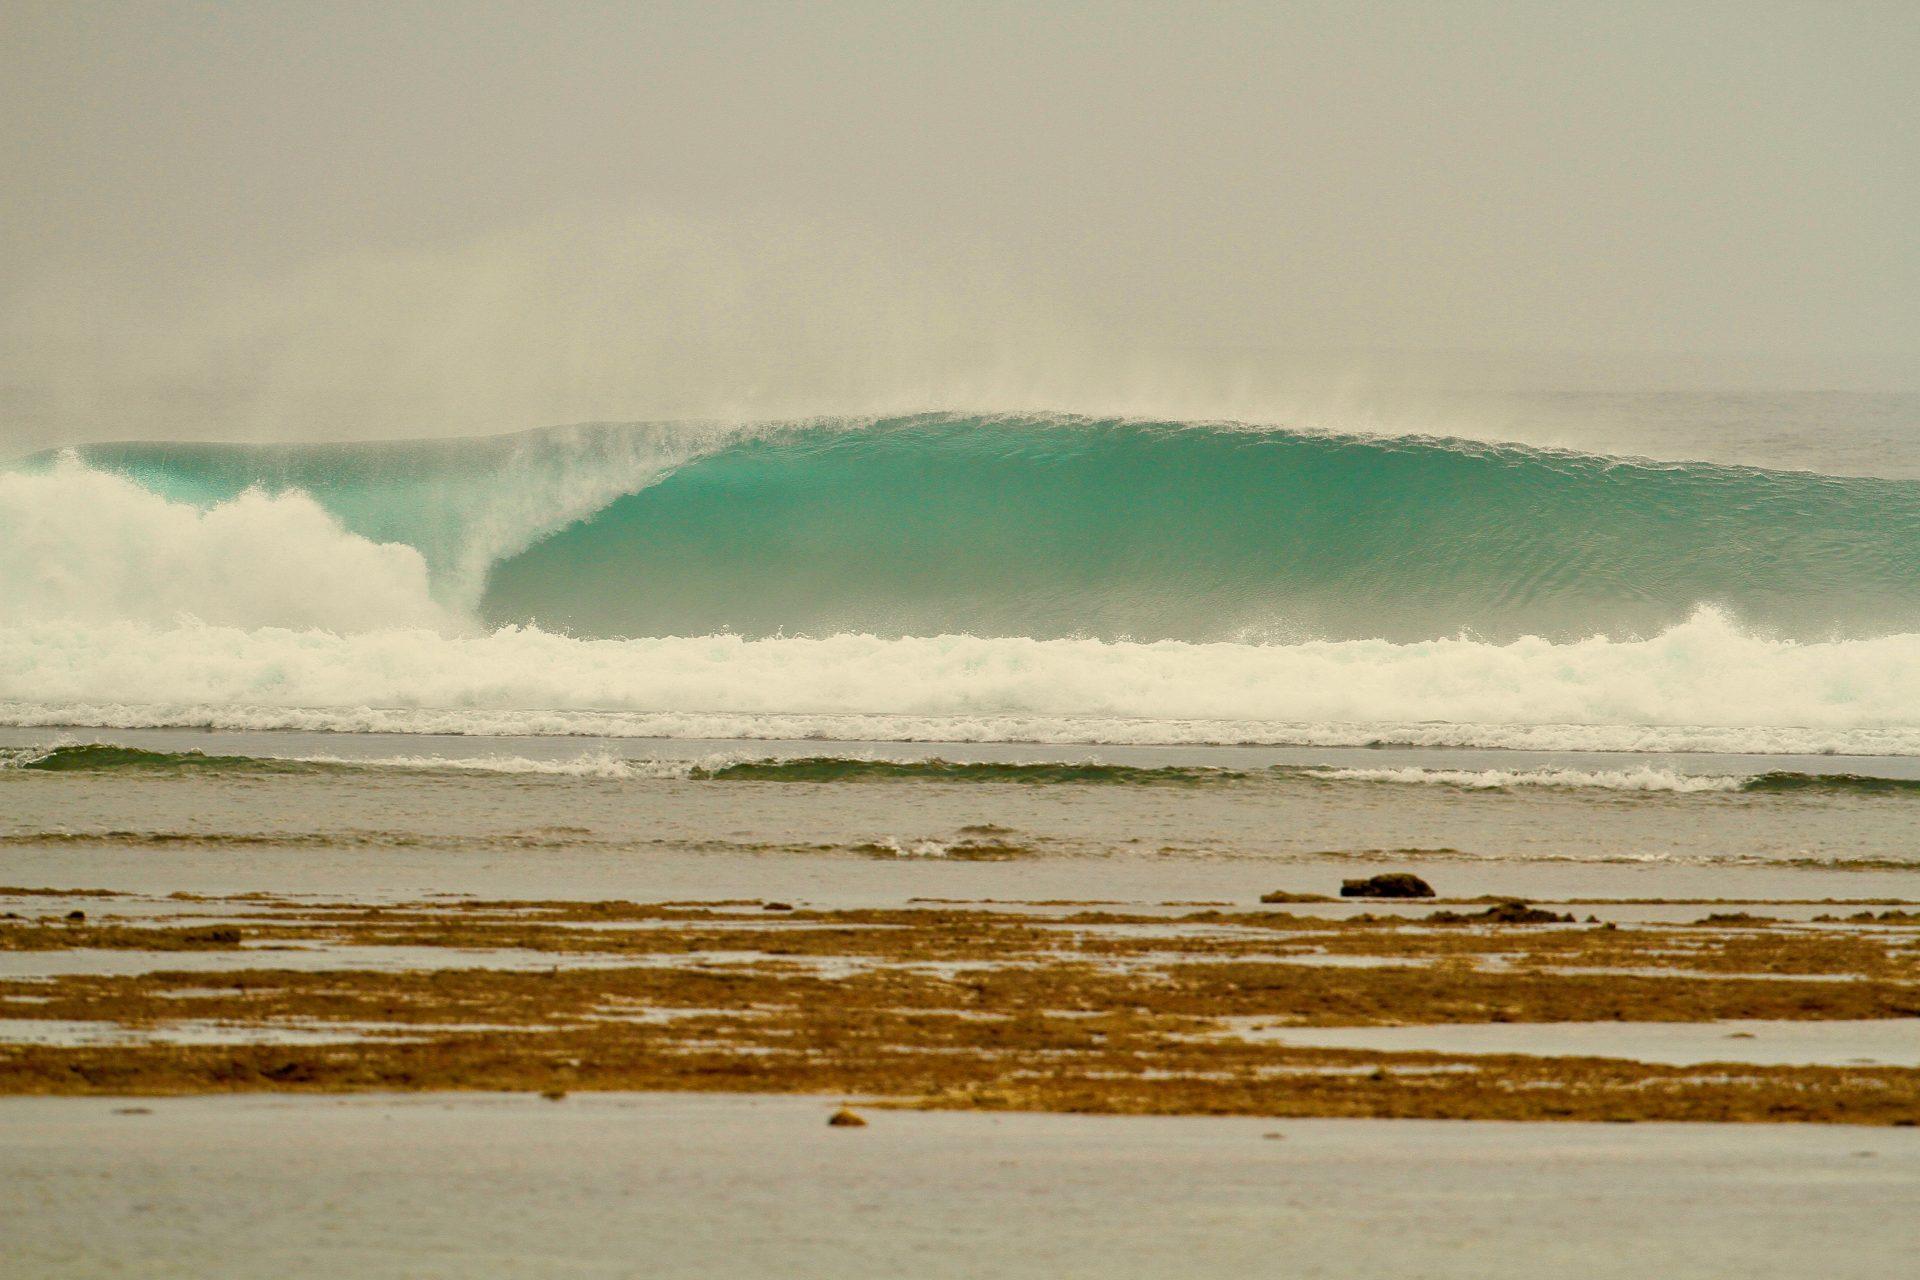 G-Land: Banyuwangi Surfing Magnet